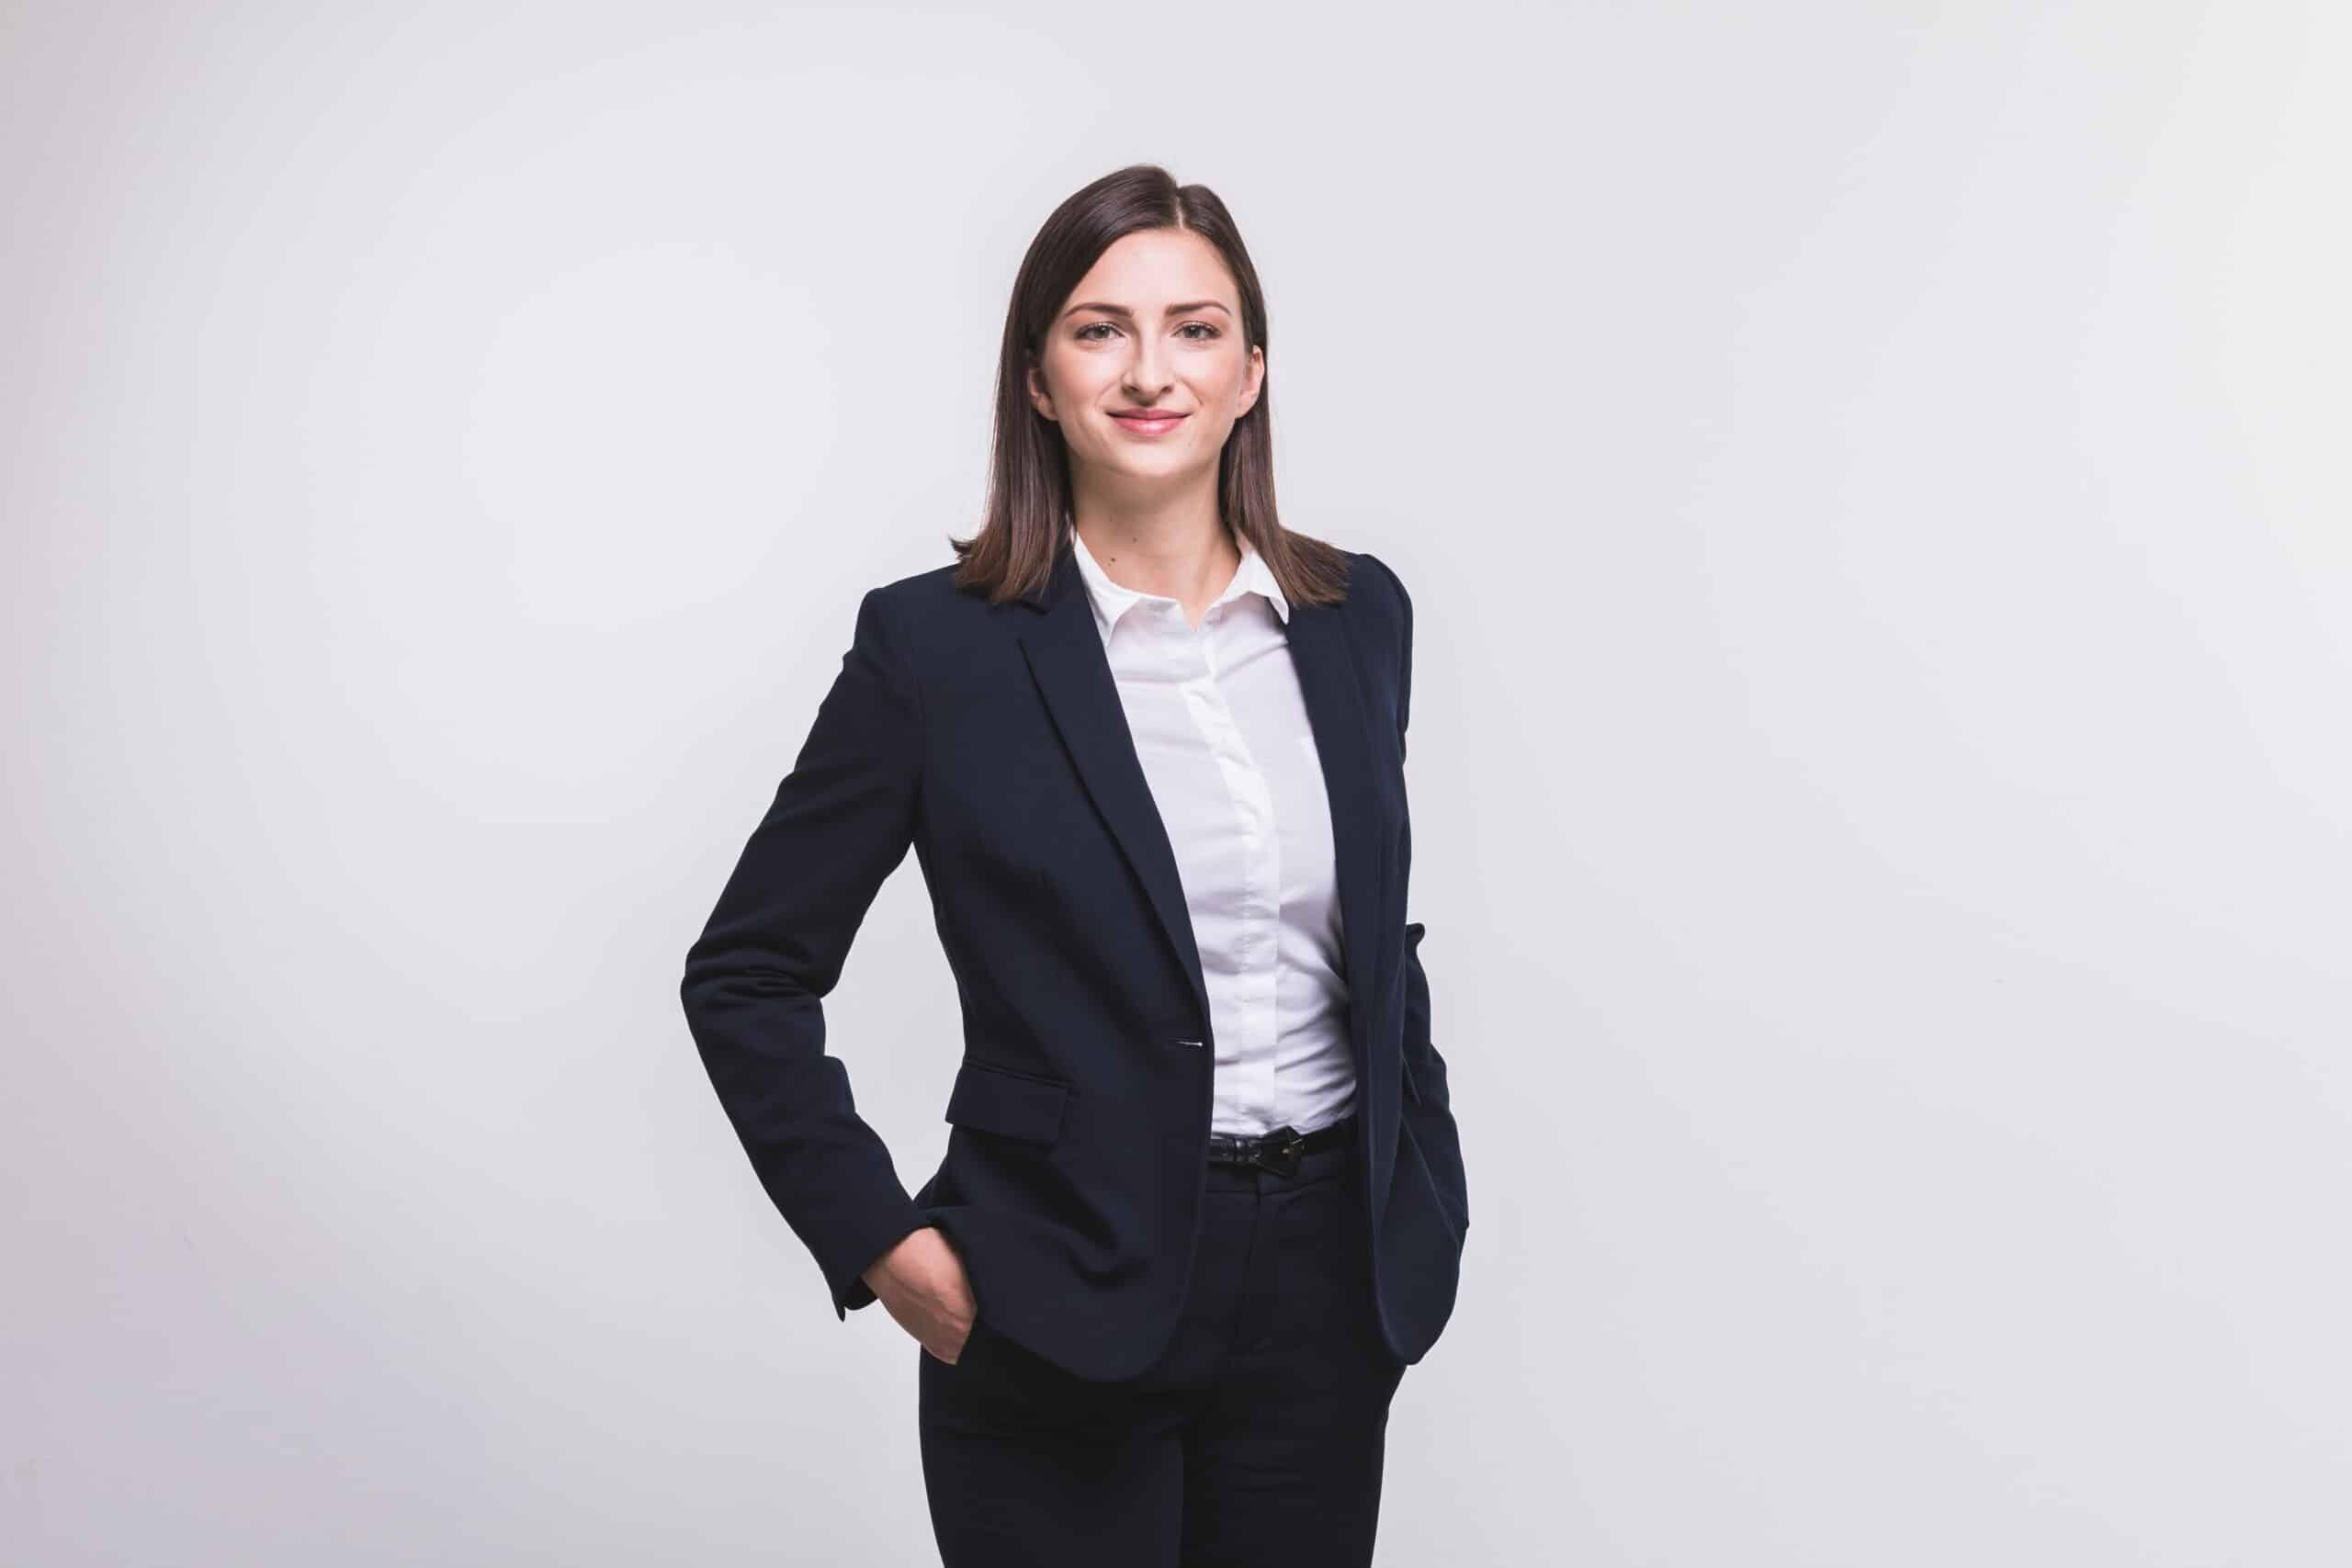 Theresa Prinz